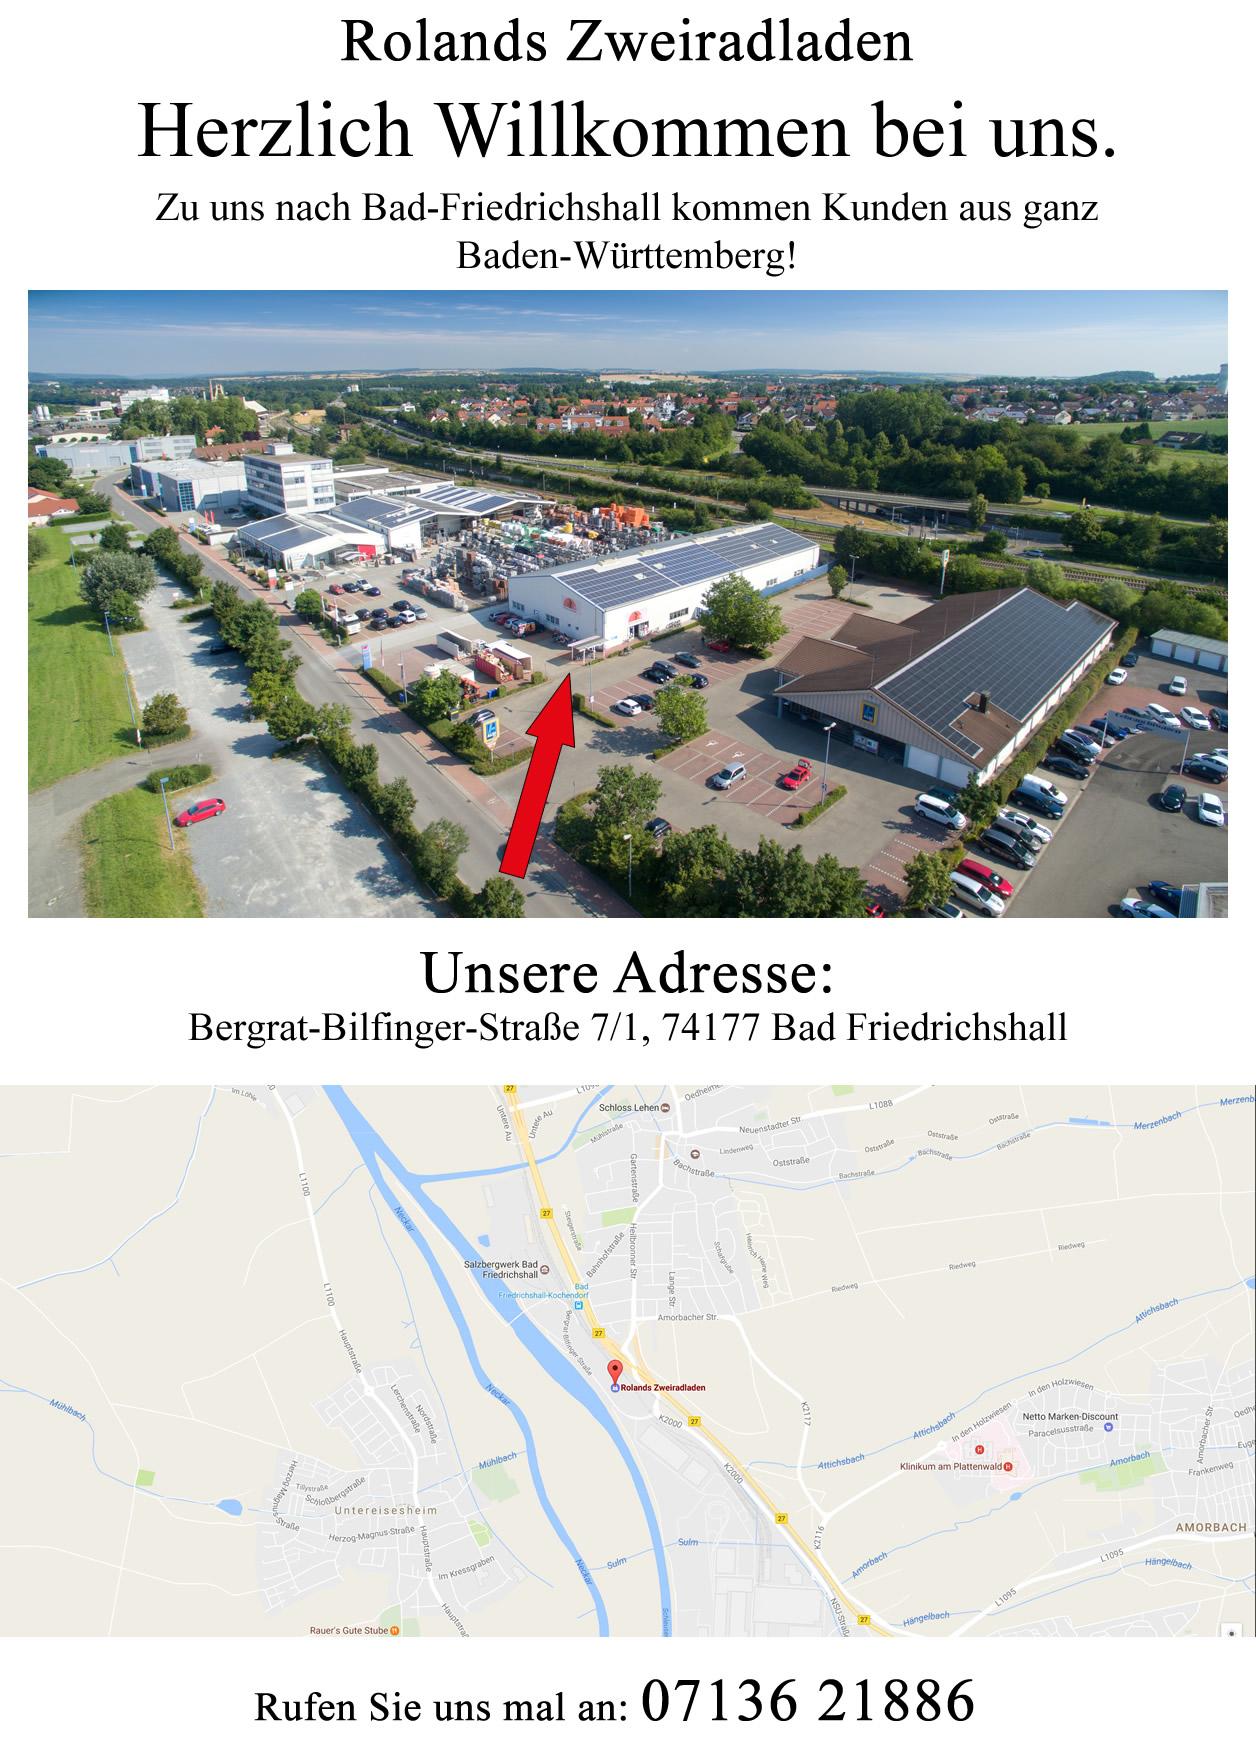 Fahrräder Geschäft für 74936 Siegelsbach, Gundelsheim, Neckarbischofsheim, Helmstadt-Bargen, Neckarzimmern, Bad Rappenau, Bad Wimpfen und Hüffenhardt, Haßmersheim, Offenau